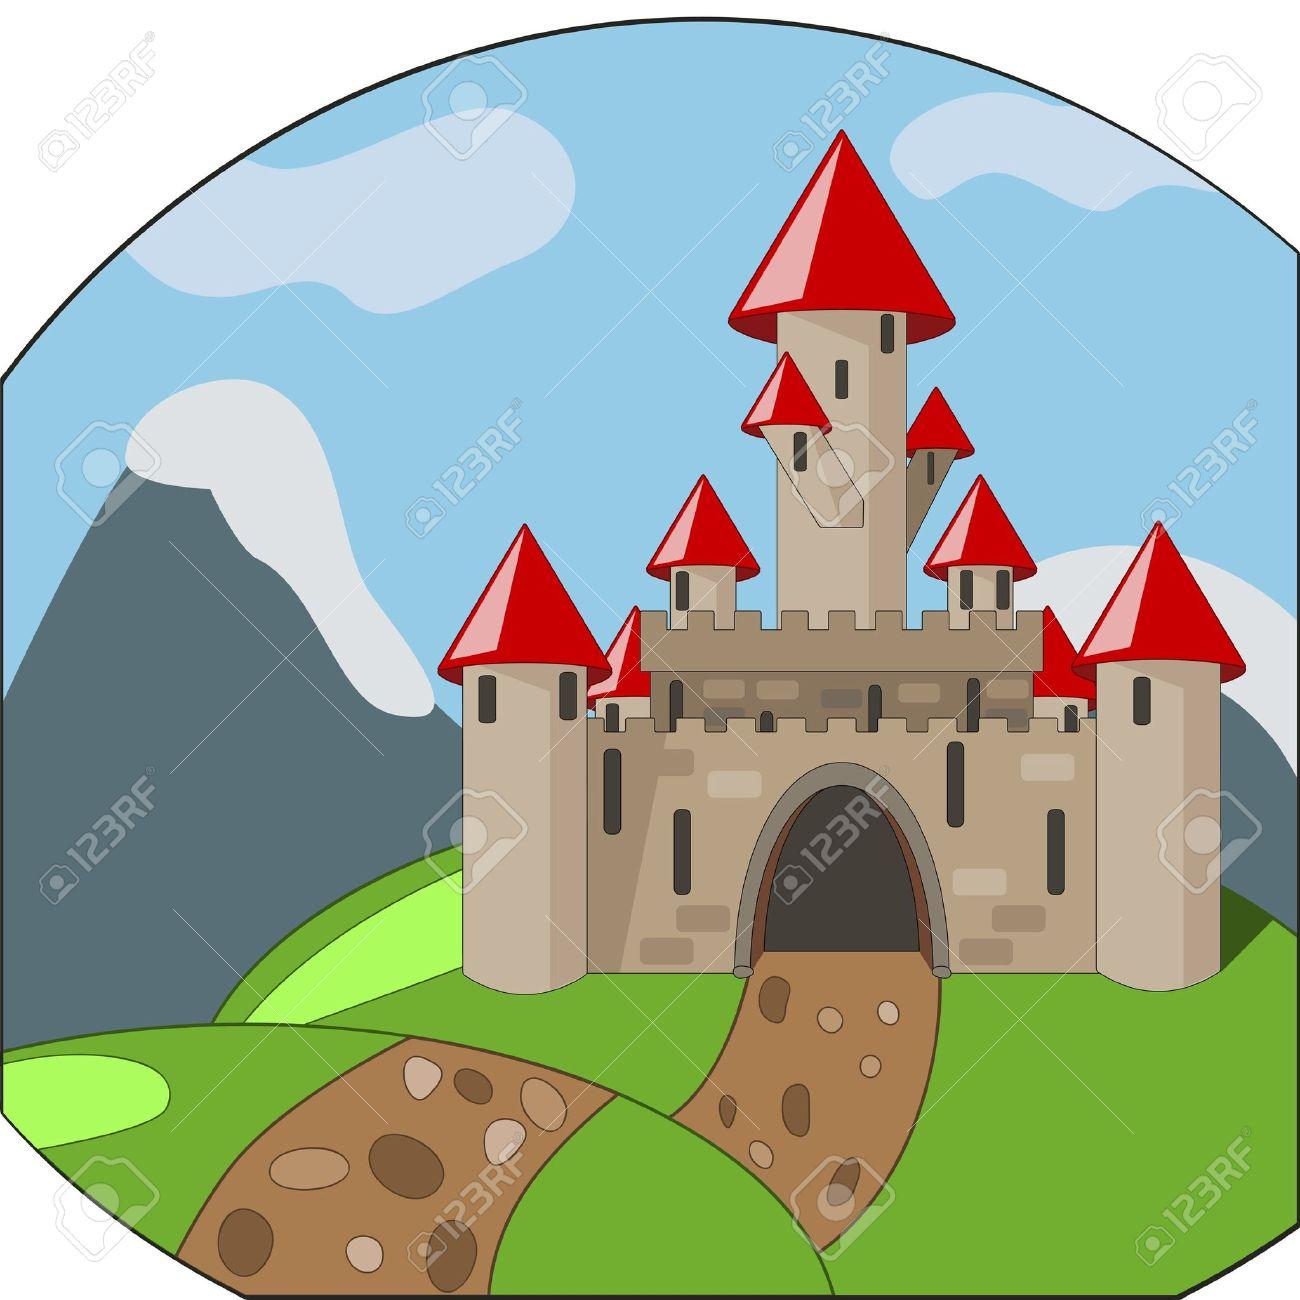 Castello Medievale Di Cartone Animato Su Sfondo Con Montagne.